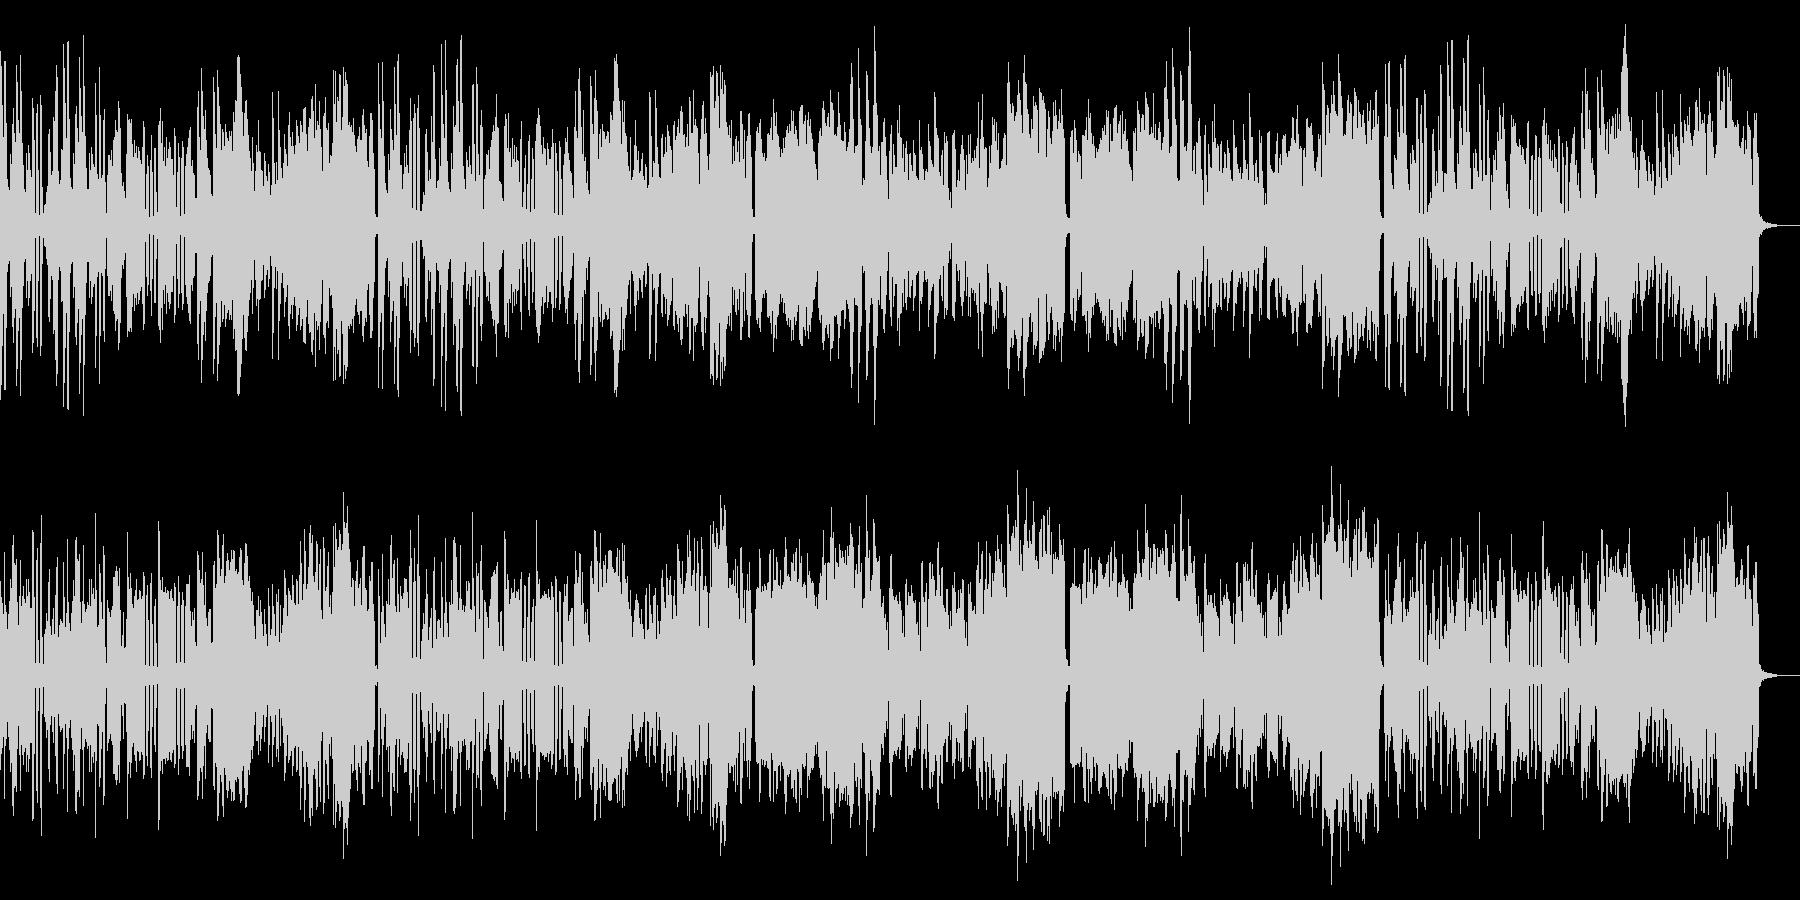 ピアノとフルート室内楽風ほのぼのポップスの未再生の波形